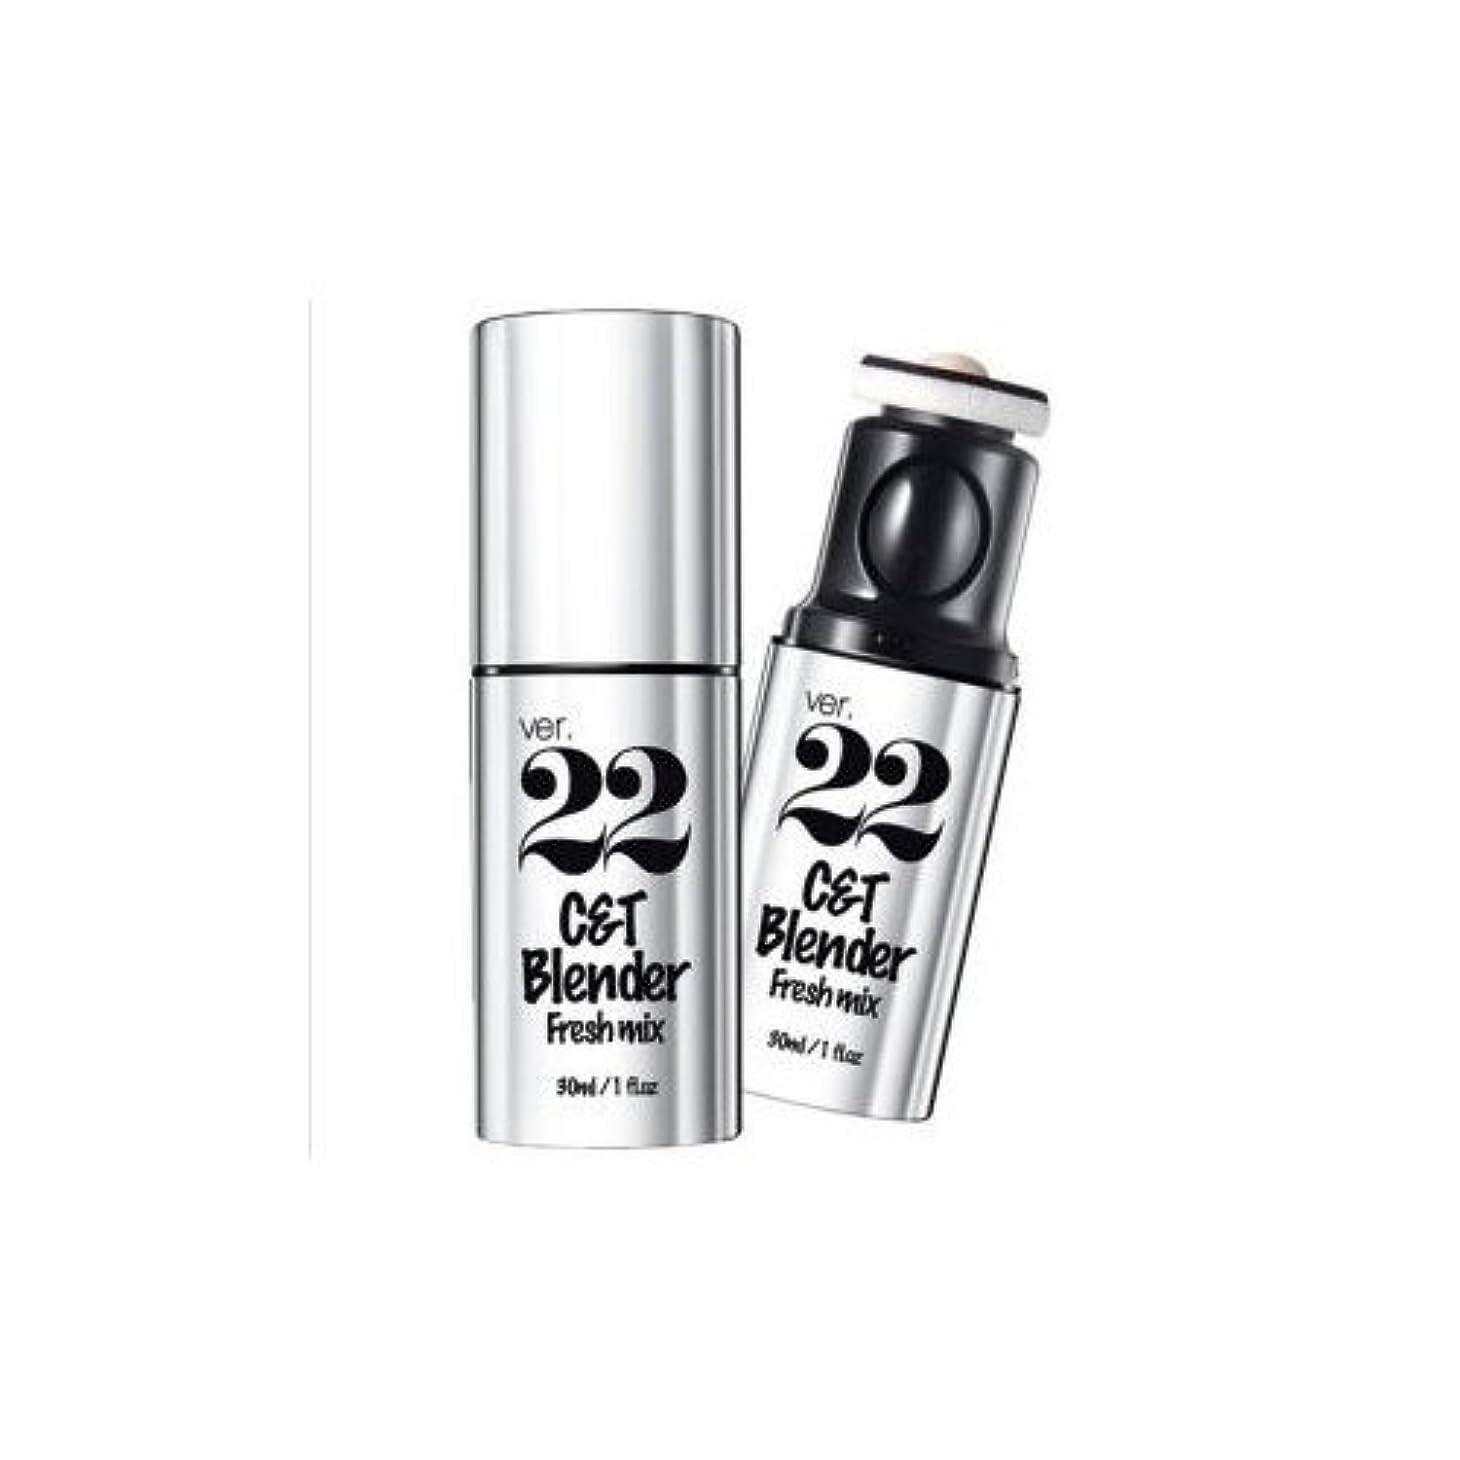 洞窟仲間キーchosungah22 C&T Blender Fresh Mix 30ml, Capsule Foundation, #01, Korean Cosmetics